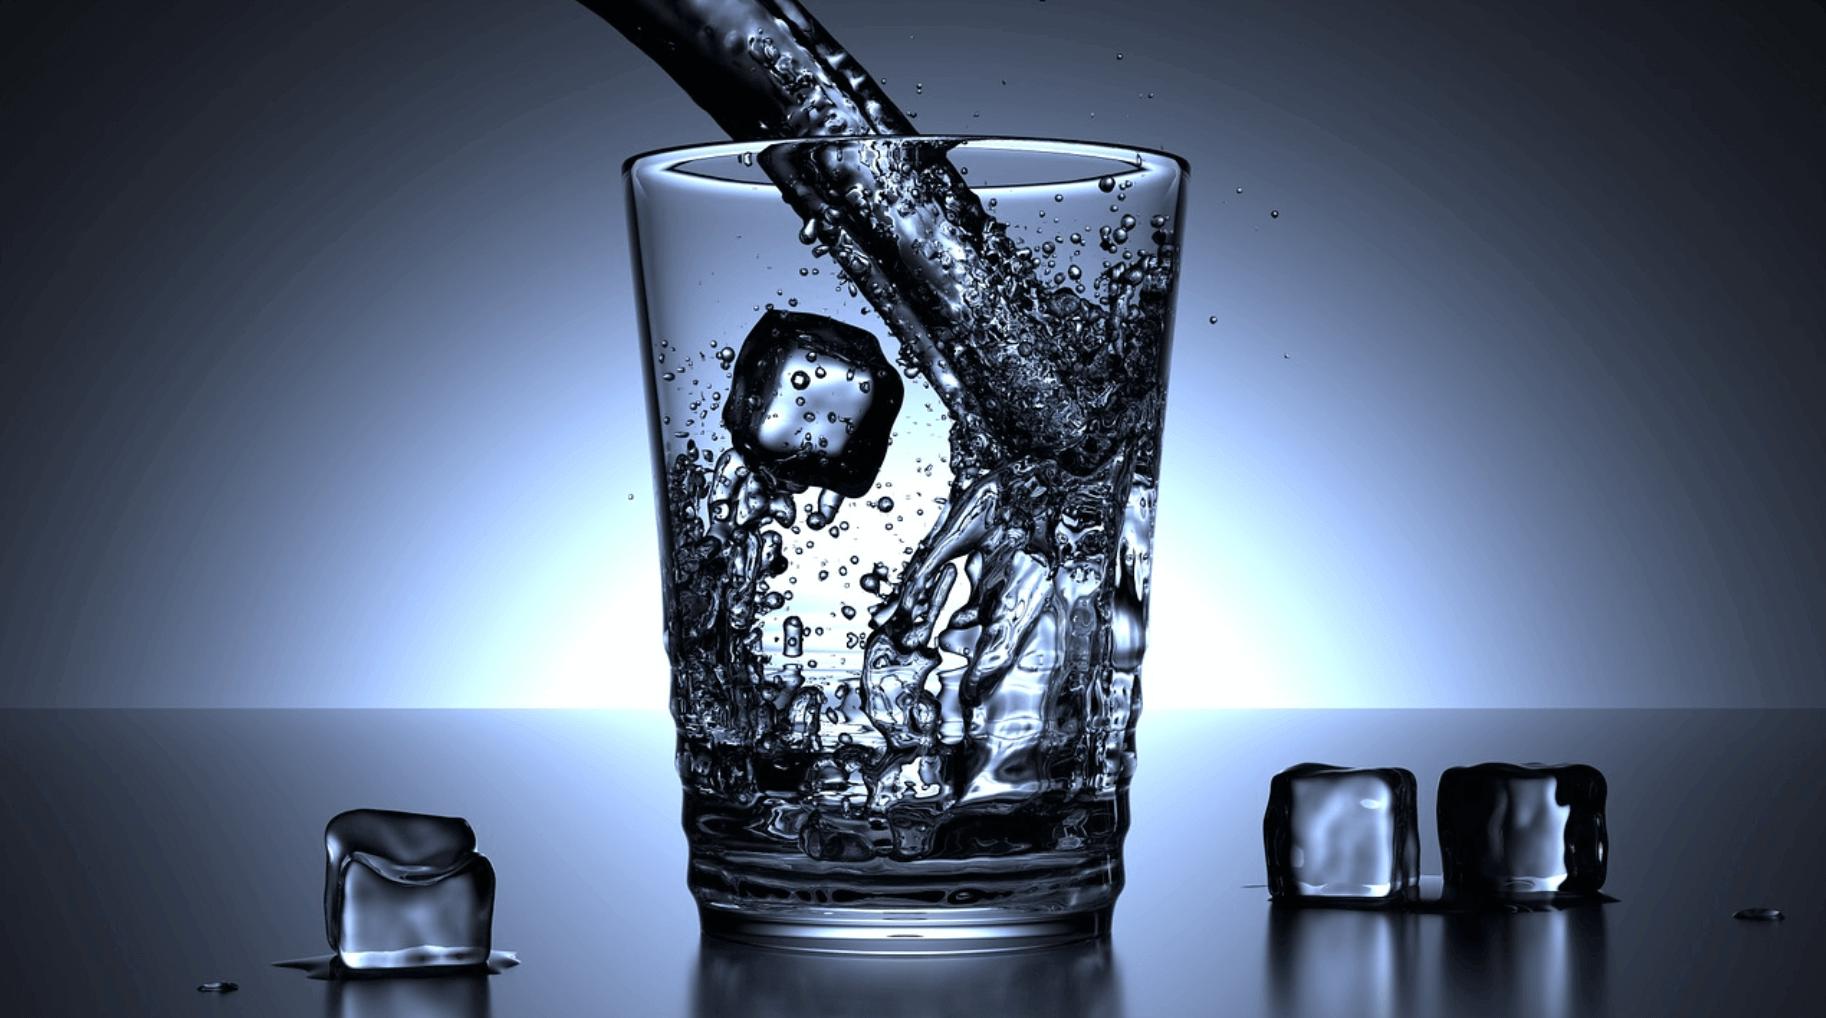 מערכת מים ביתית